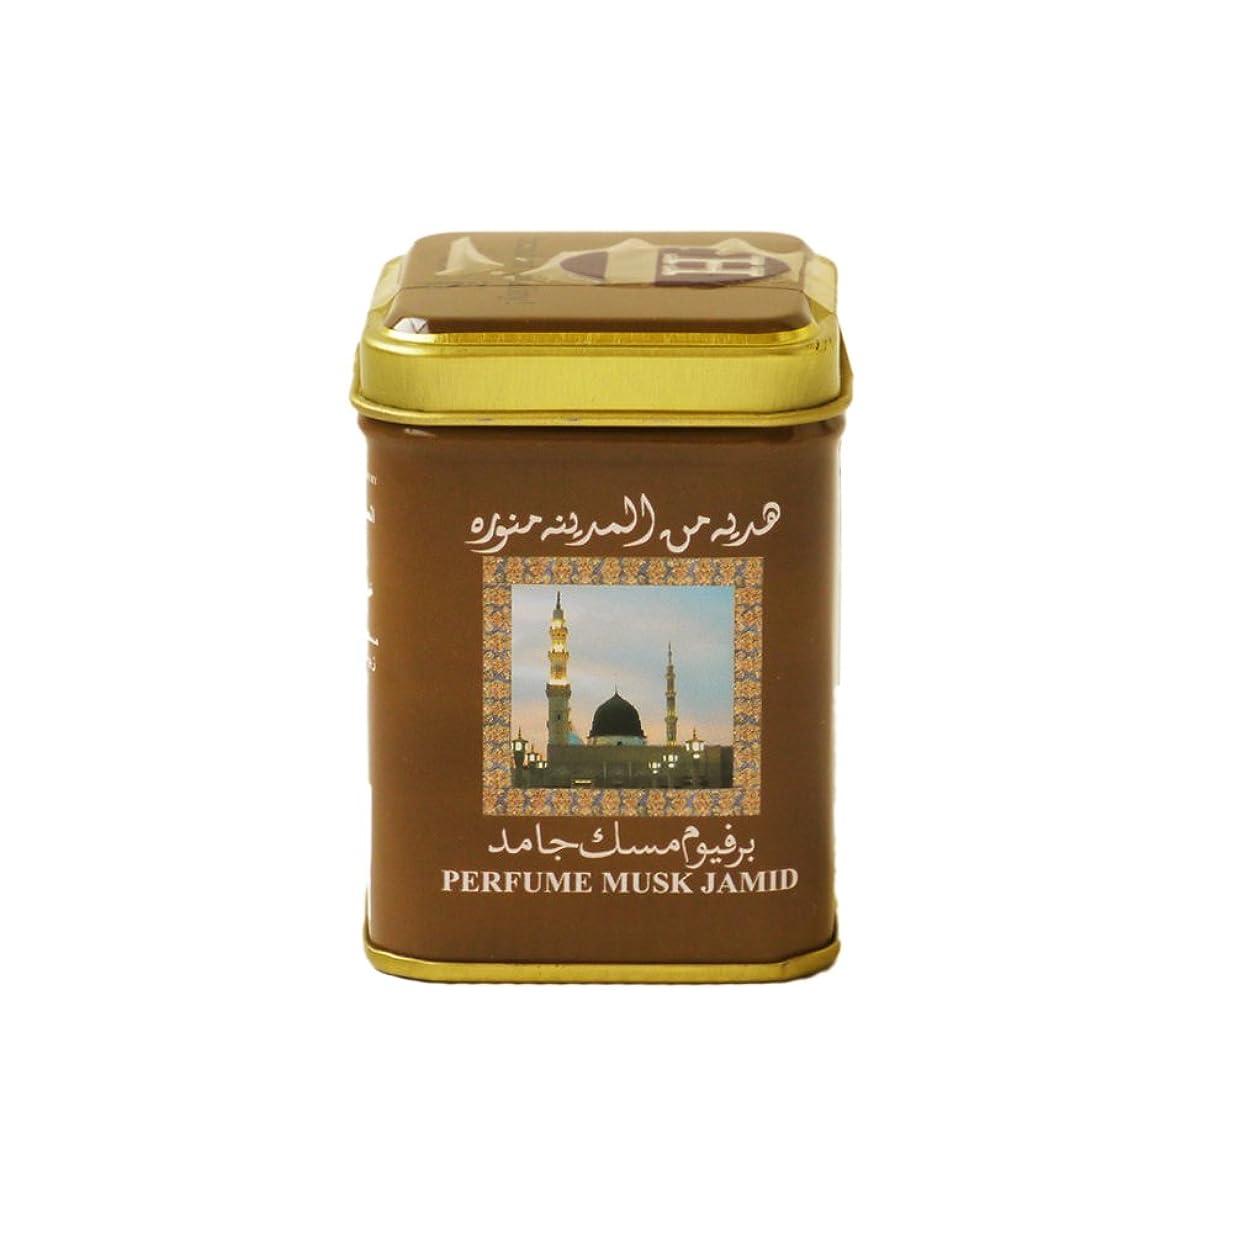 光沢のあるオークランドエピソードLes sens de Marrakech レ センス デ マラケッシュ スクエアムスク 25g